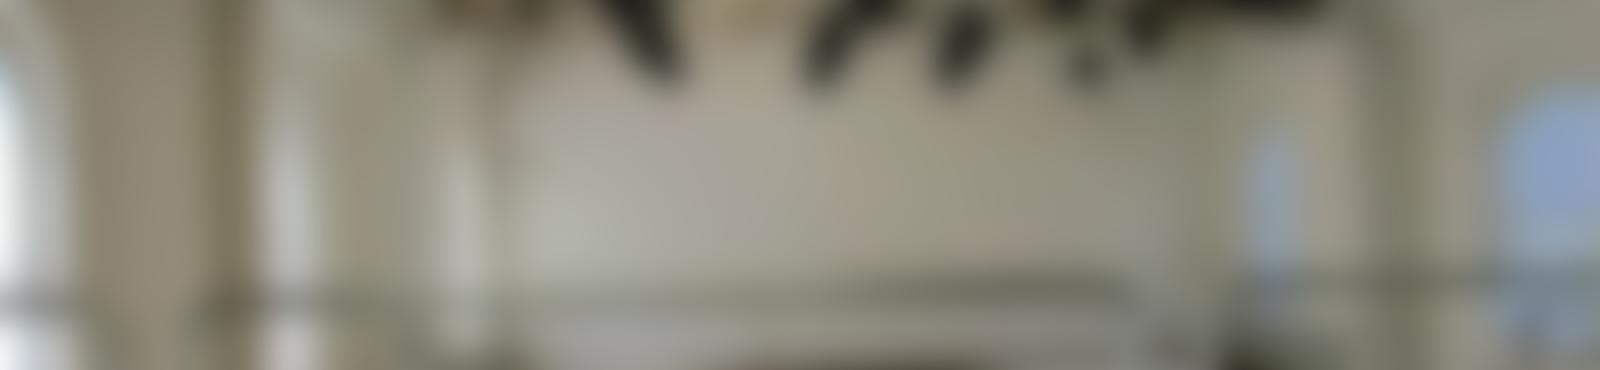 Blurred 1932265 10151890101090194 1880936250 n